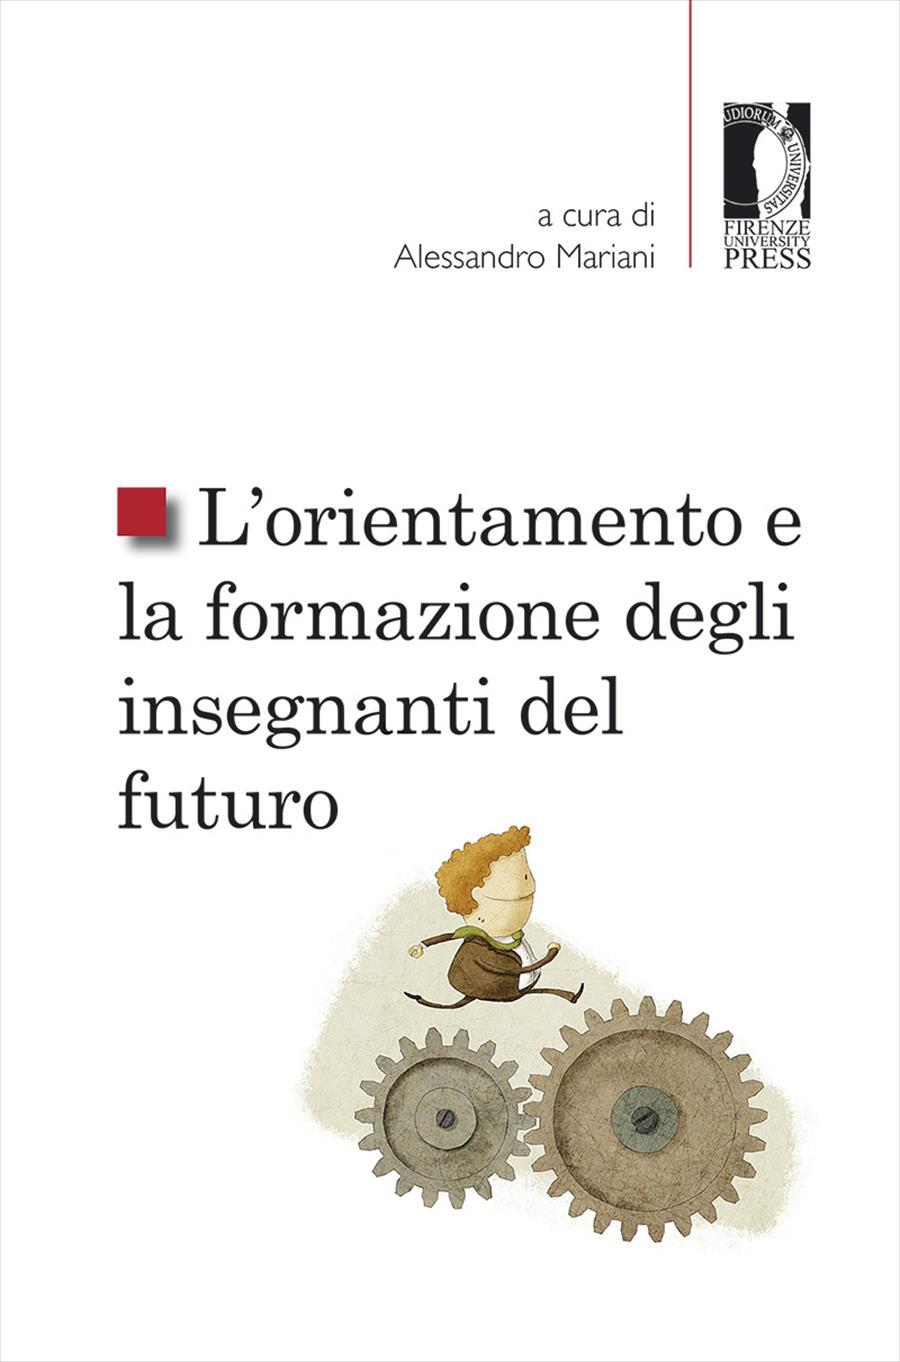 L'orientamento e la formazione degli insegnanti del futuro